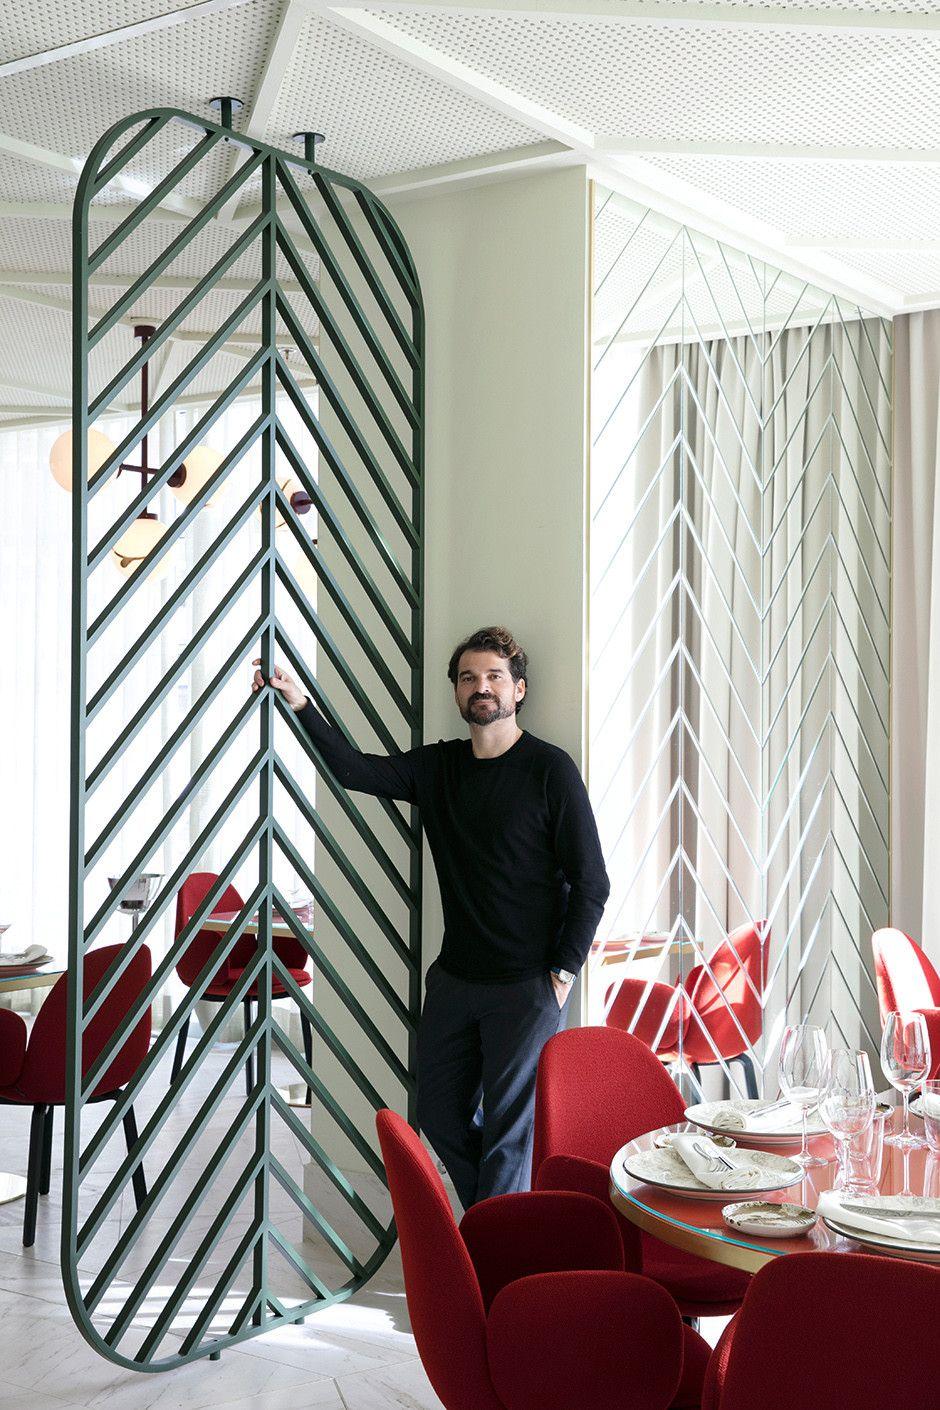 Barceló torre de madrid interior restourant pinterest divider